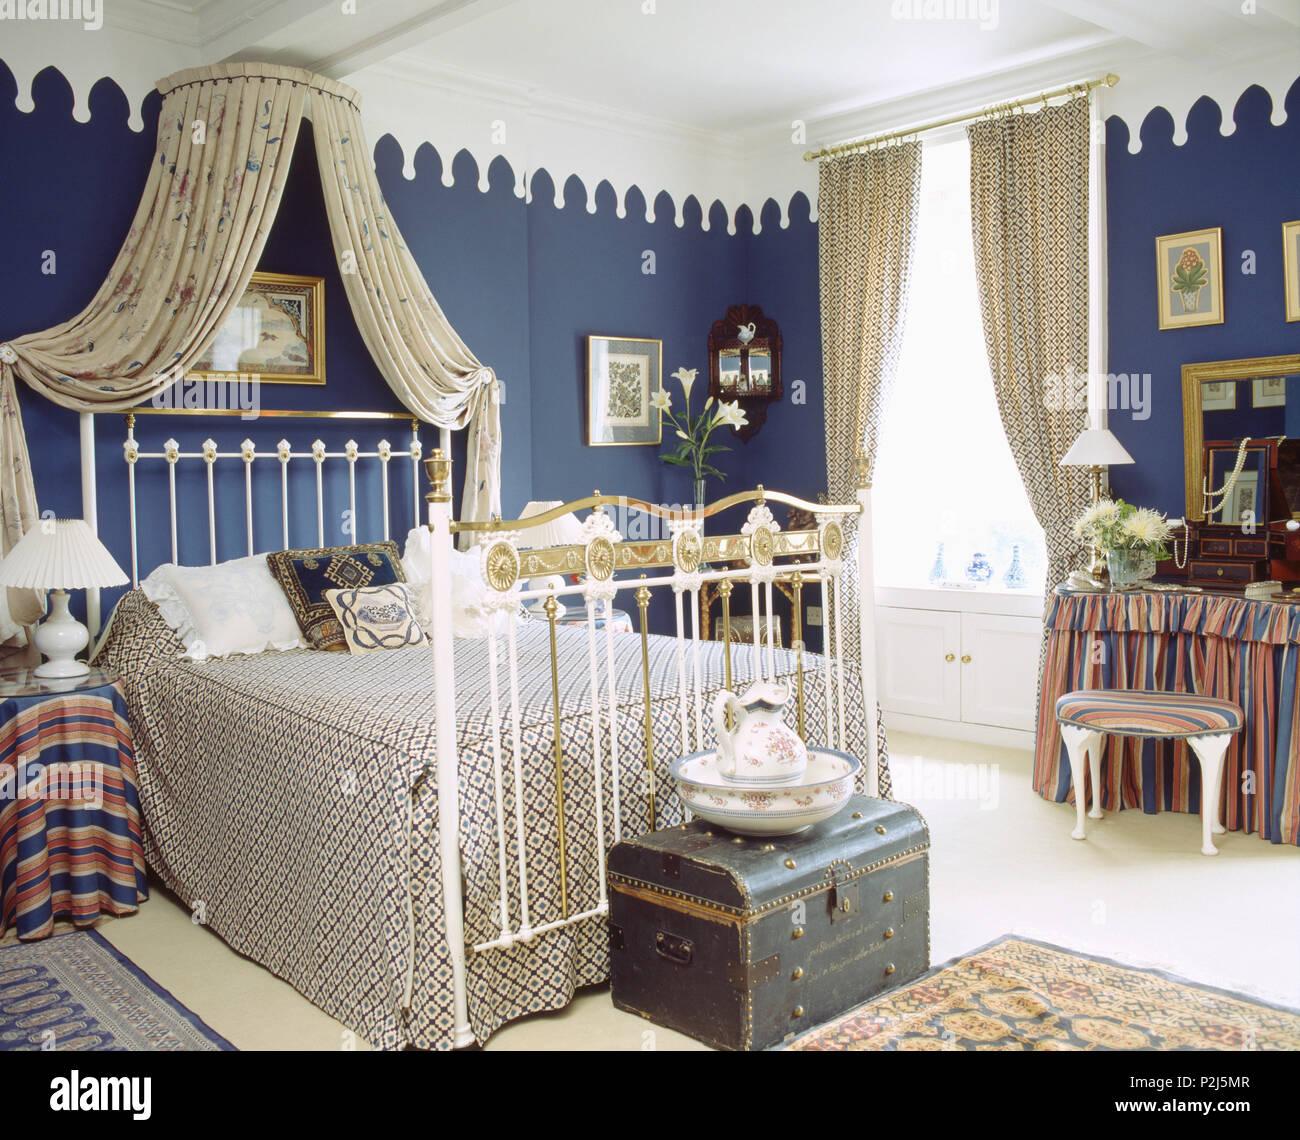 Lo Stile Gotico Cornicione In Camera Da Letto Blu Con Soffitto Bianco E Coronet Oscuranti Sopra In Ottone Antico Letto Foto Stock Alamy